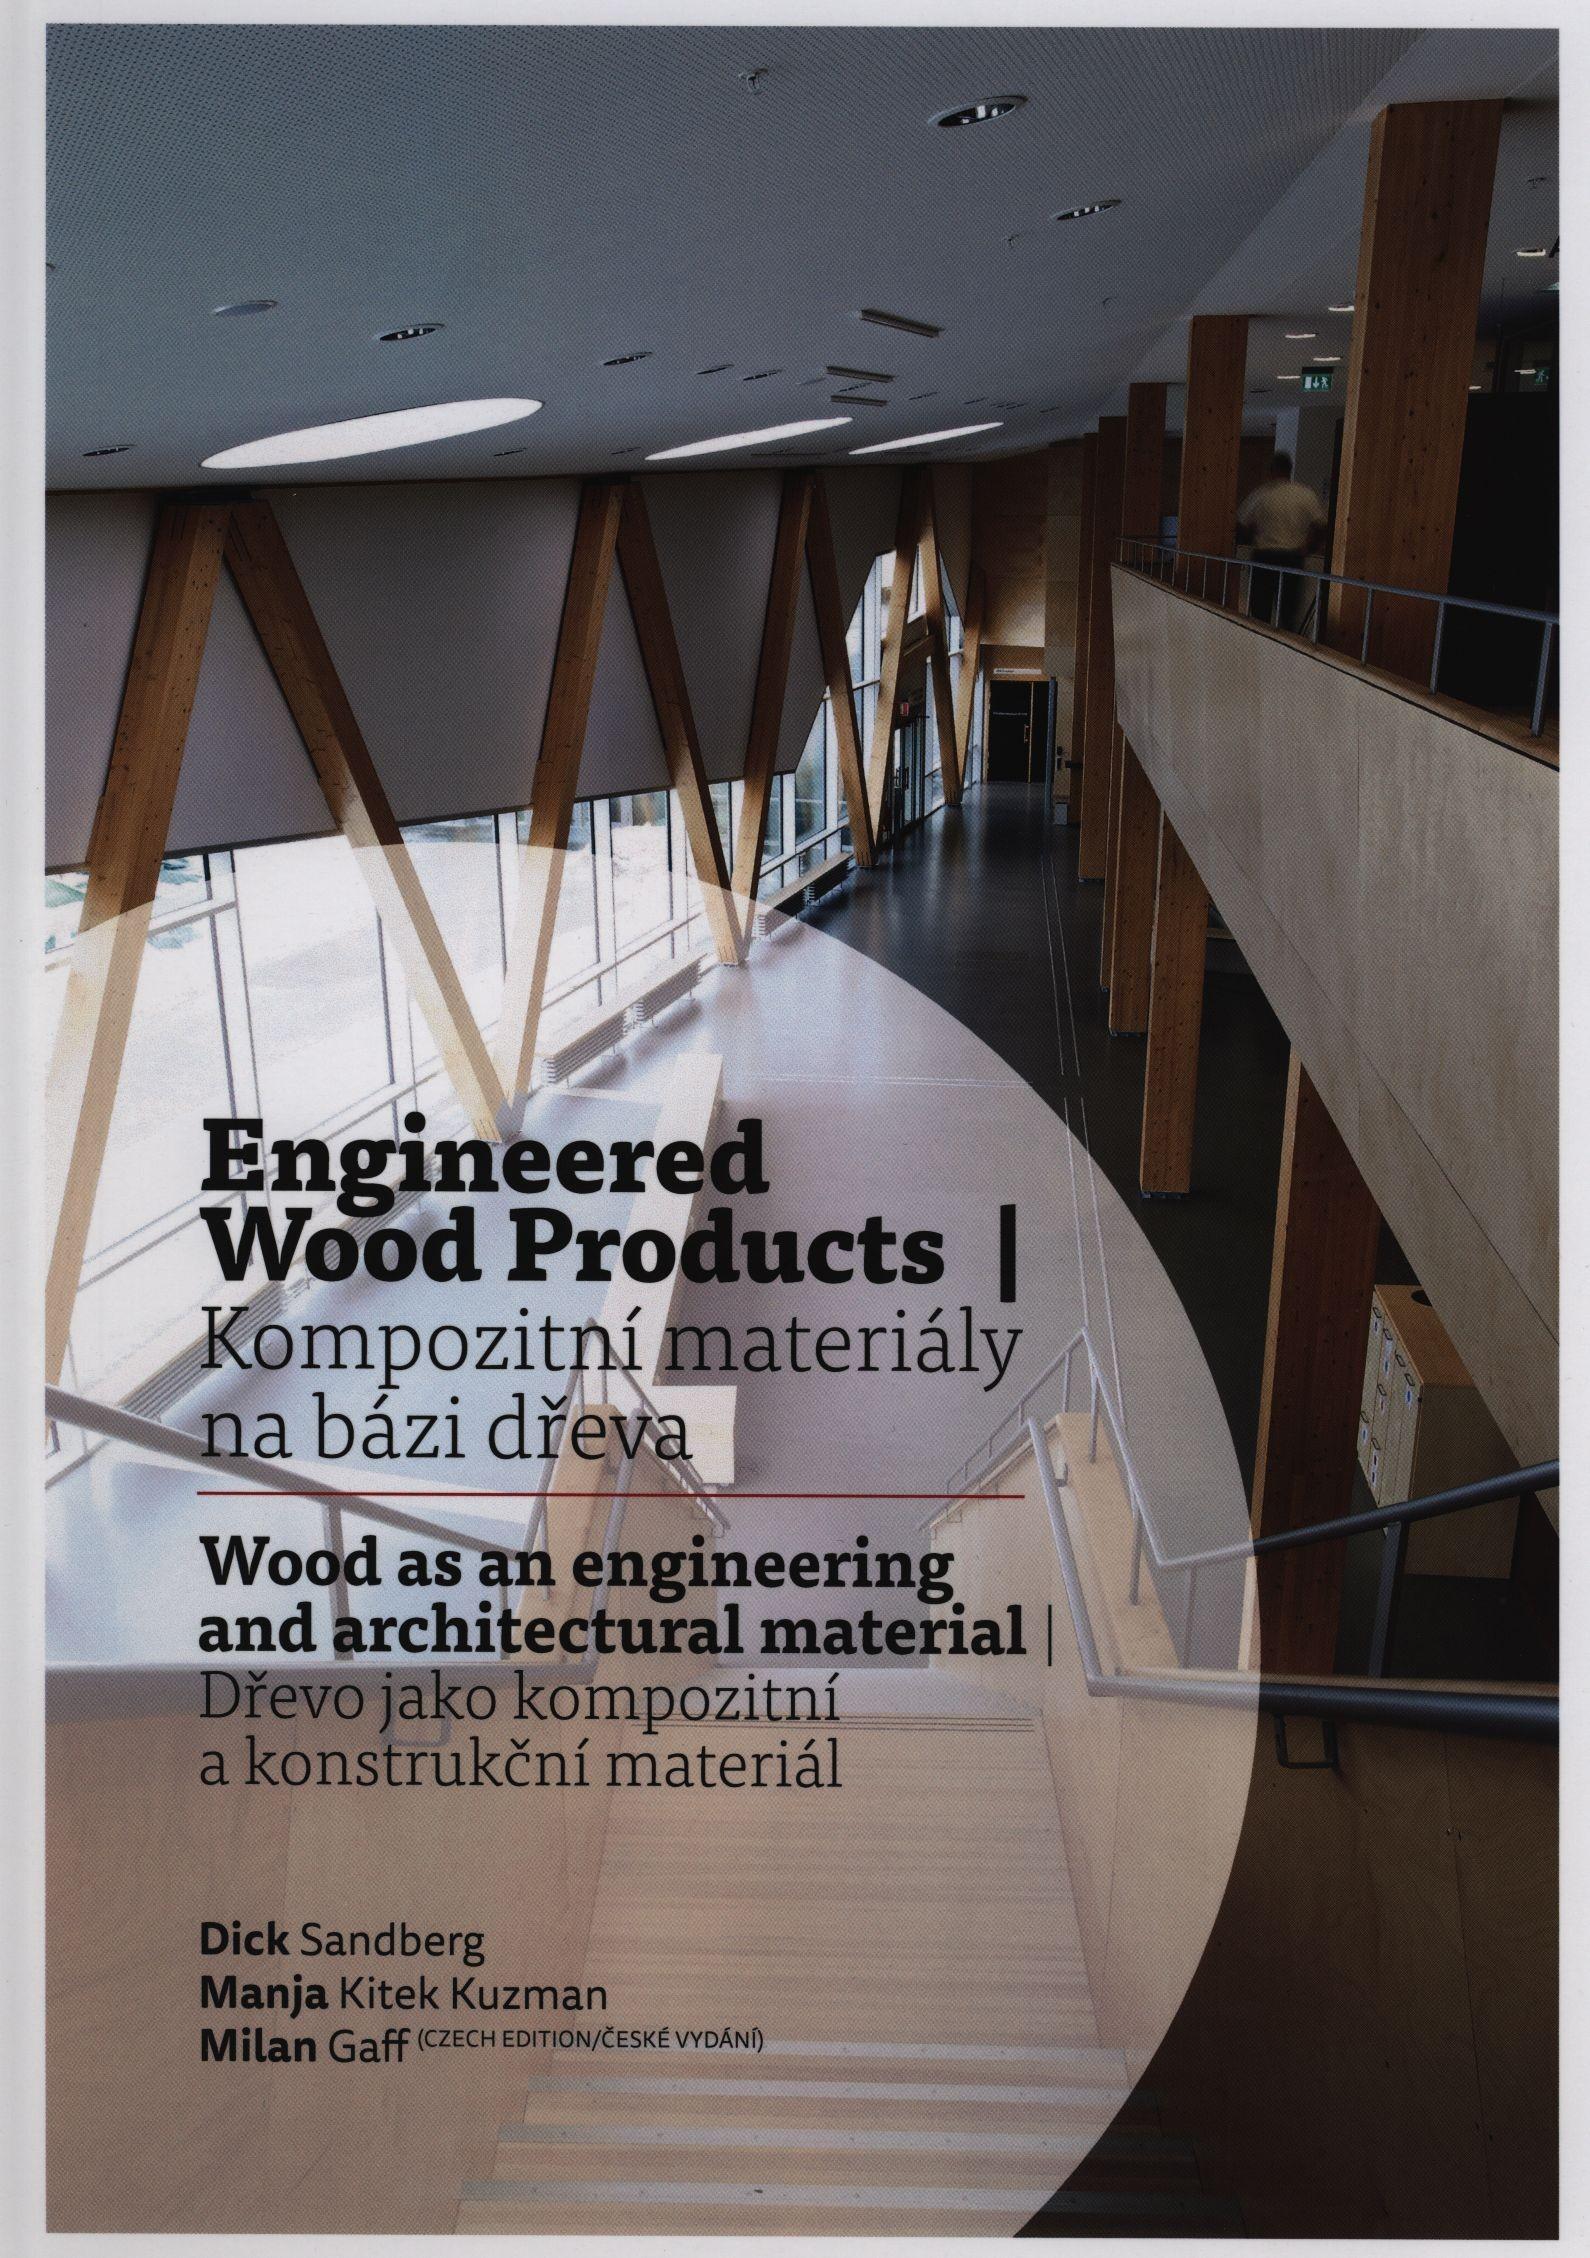 Kompozitní materiály na bázi dřeva - dřevo jako kompozitní a konstrukční materiál